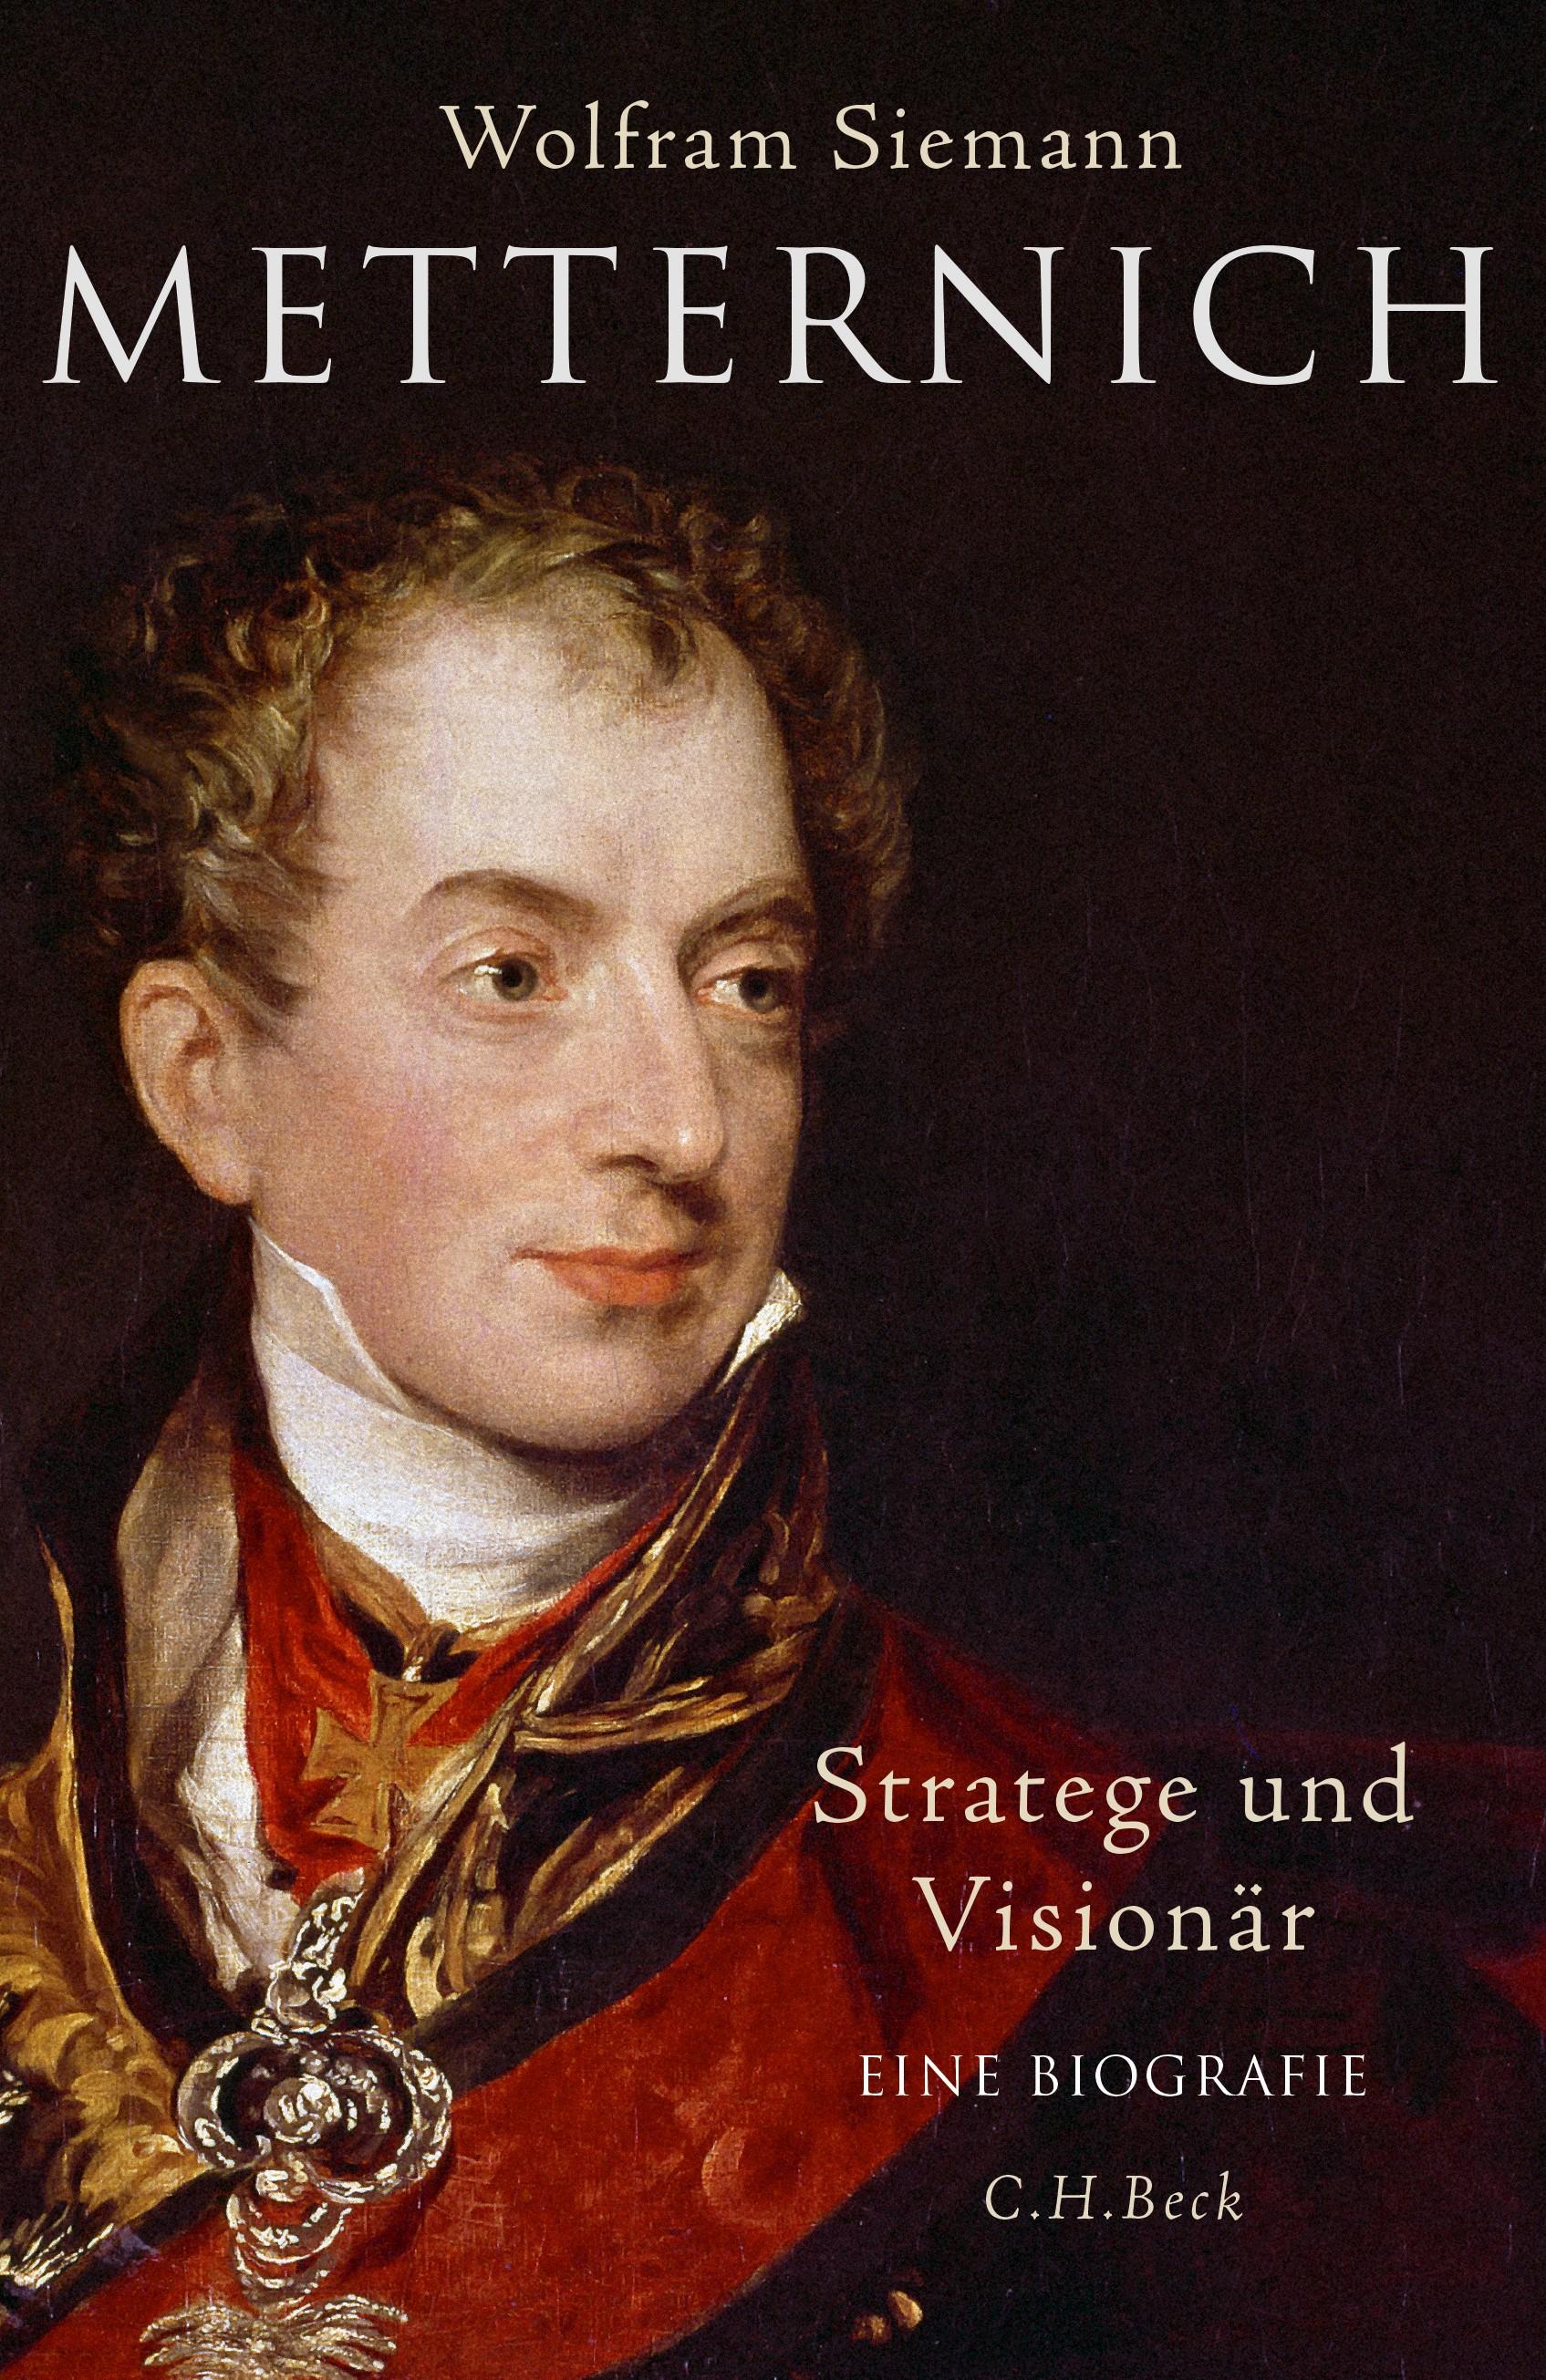 Metternich | Siemann, Wolfram | 2., durchgesehene Auflage, 2016 | Buch (Cover)